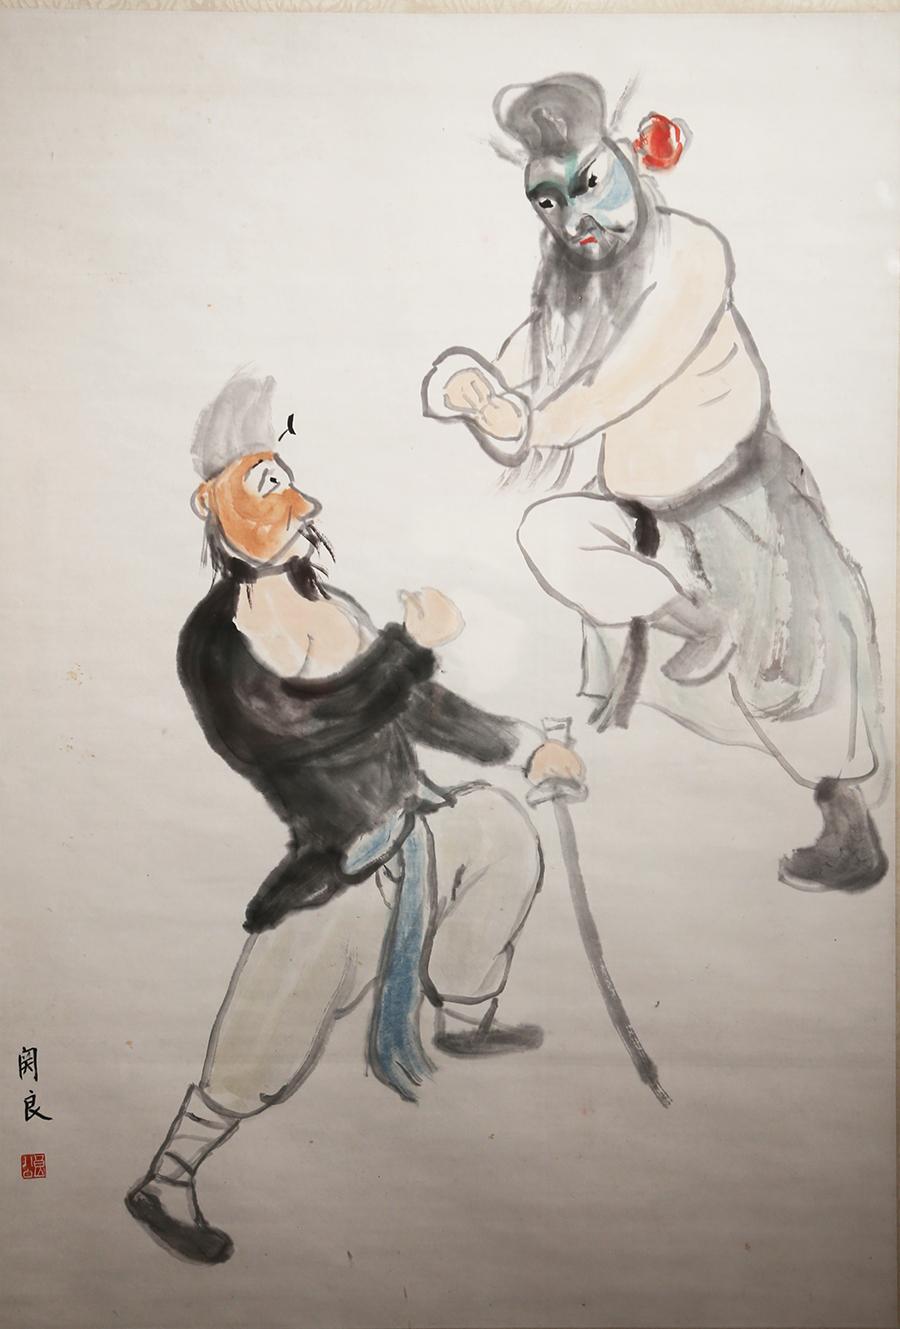 关良 《京剧人物图轴》 1959年 中国画 广州艺术博物院藏